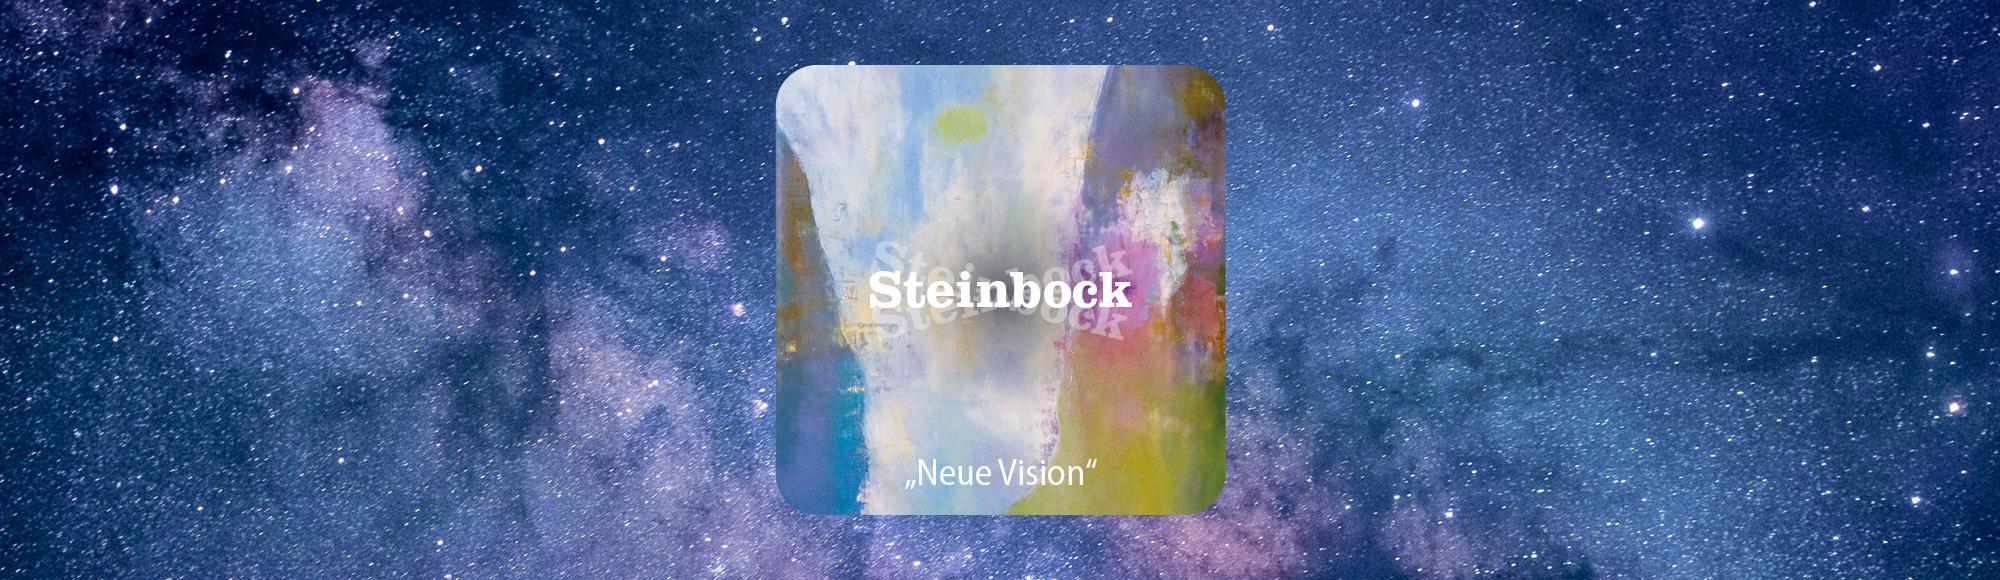 Jahreshoroskop Steinbock 3 Dekade